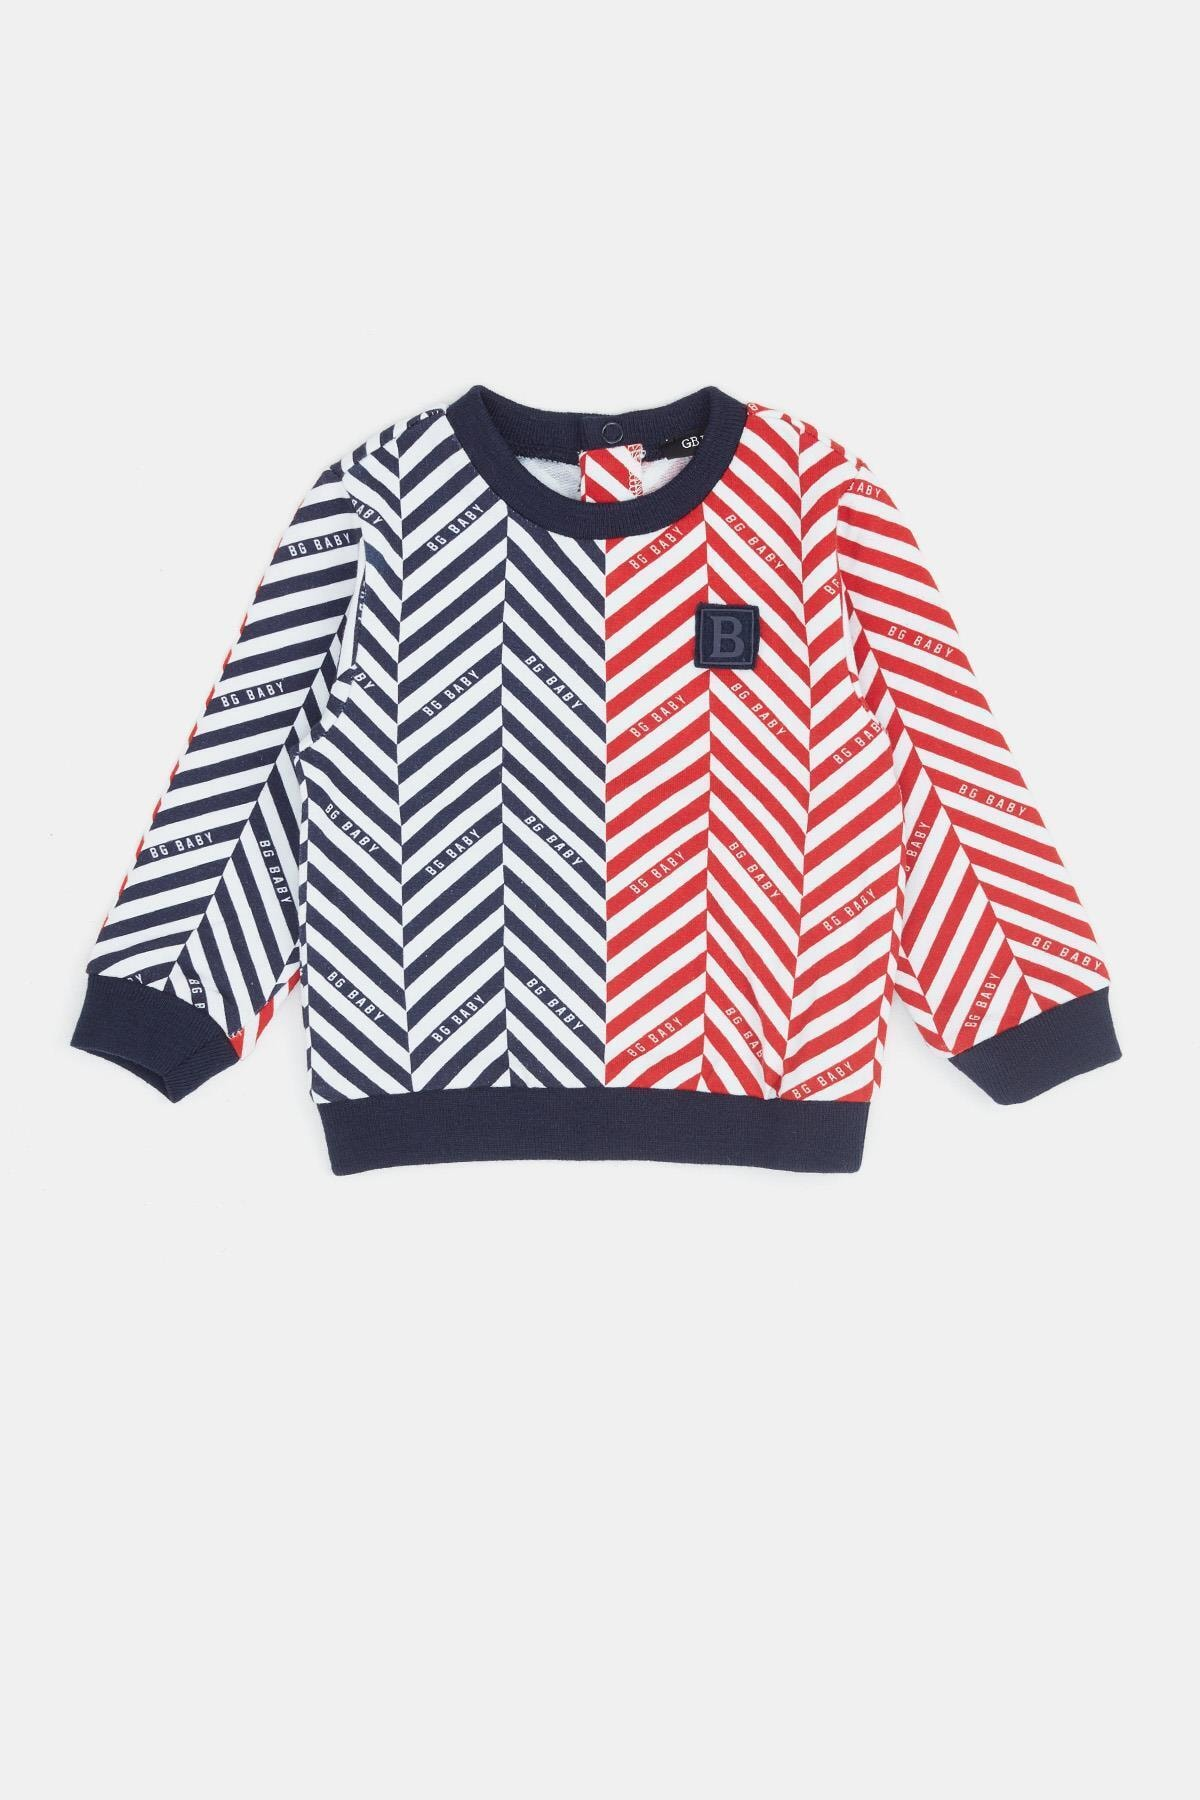 BG Baby Erkek Bebek Desenli S-shirt 20fw0bg1431 1